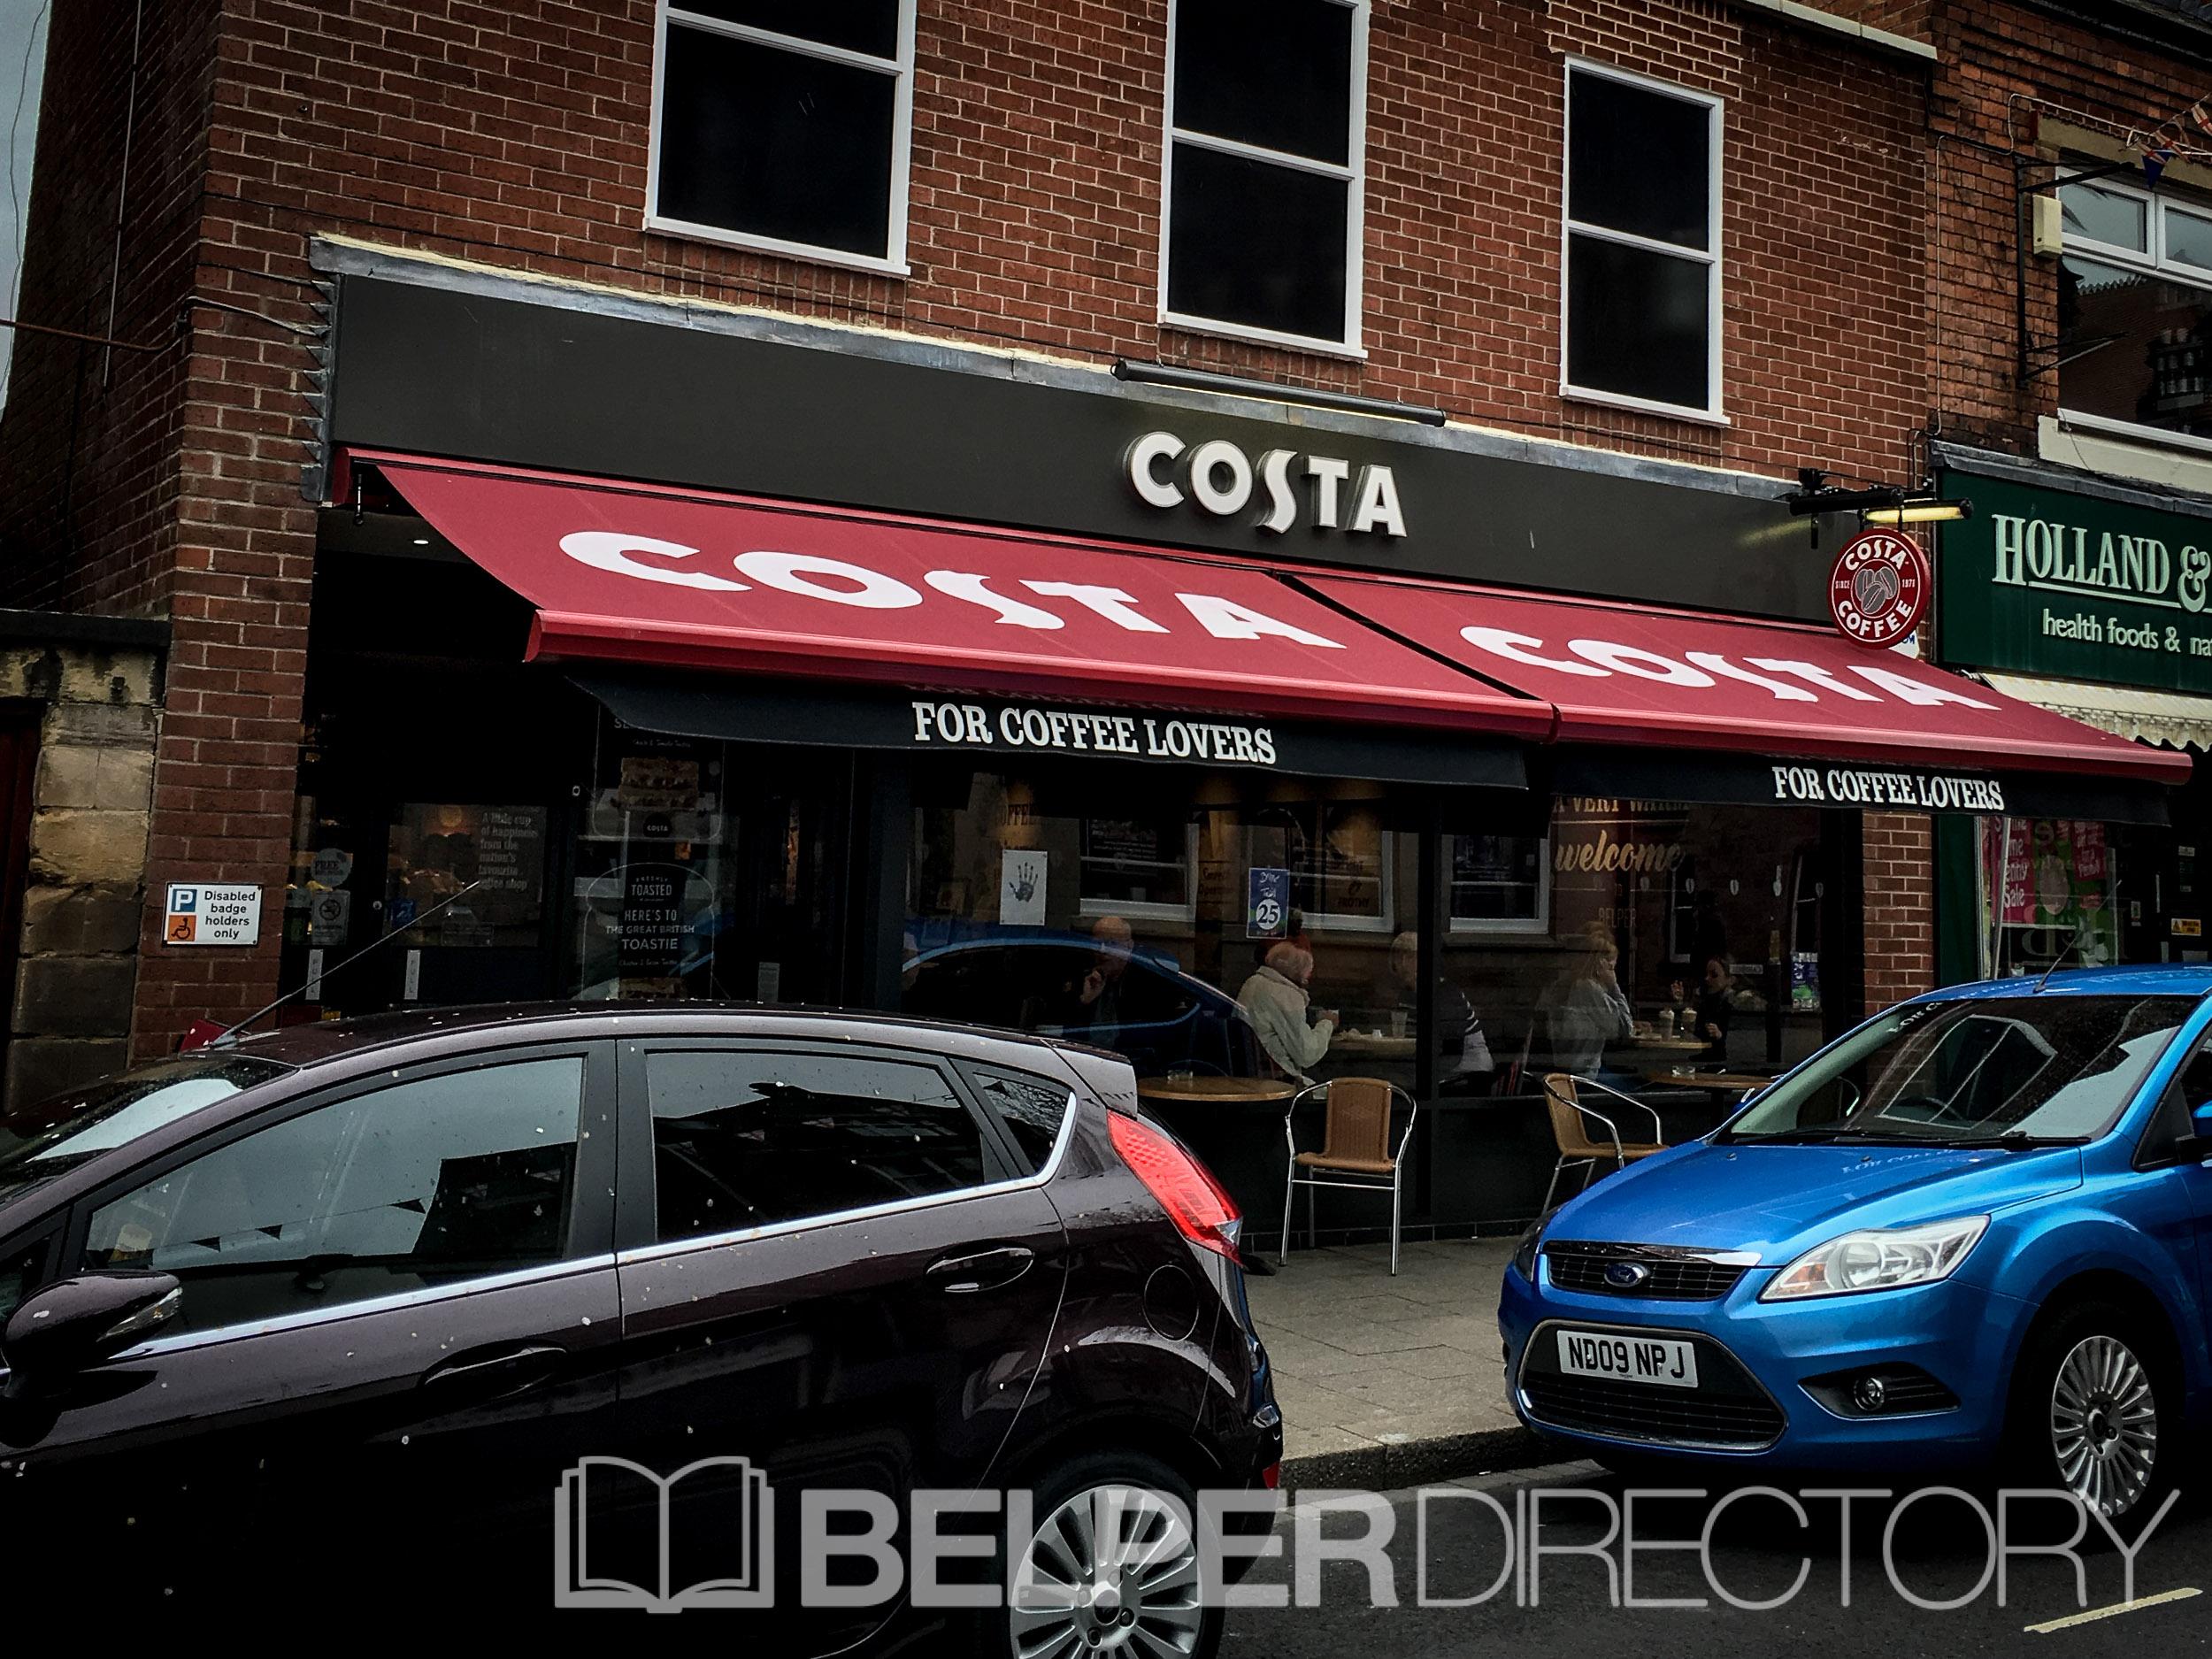 Belper Directory- Costa Coffee Belper.jpg